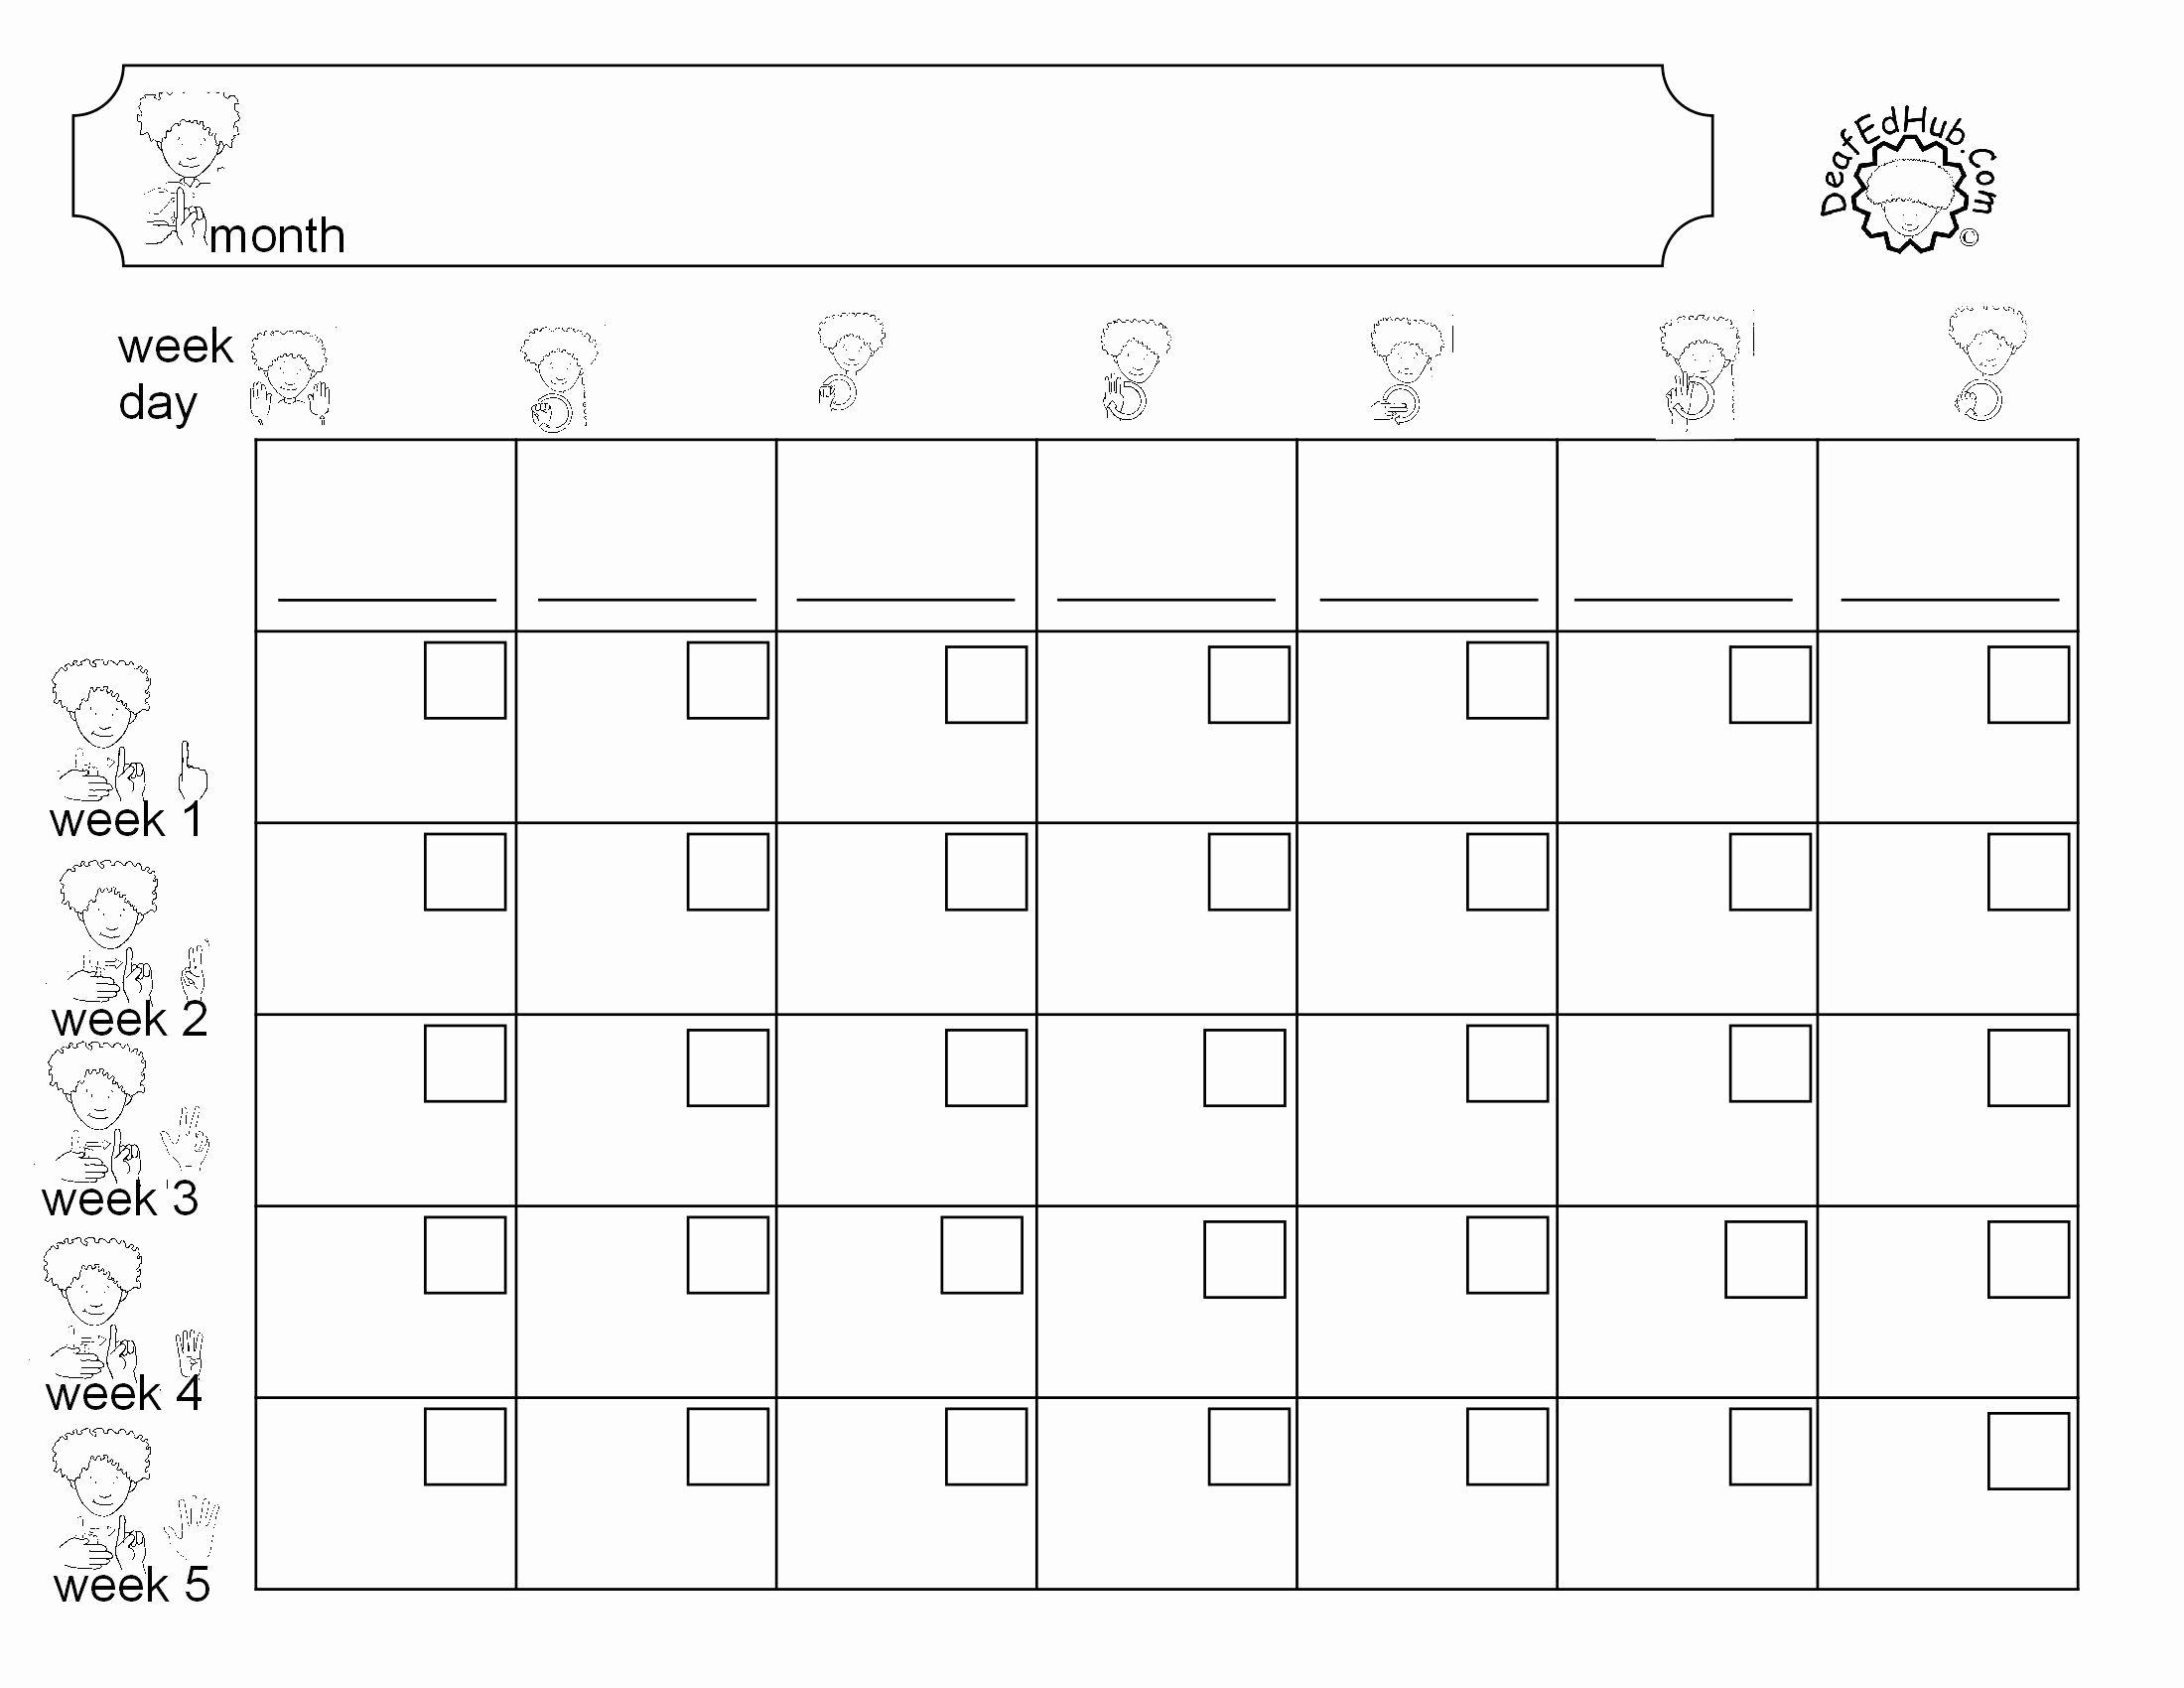 Fingerspelling Practice Worksheets Elegant Fingerspelling Practice Worksheets